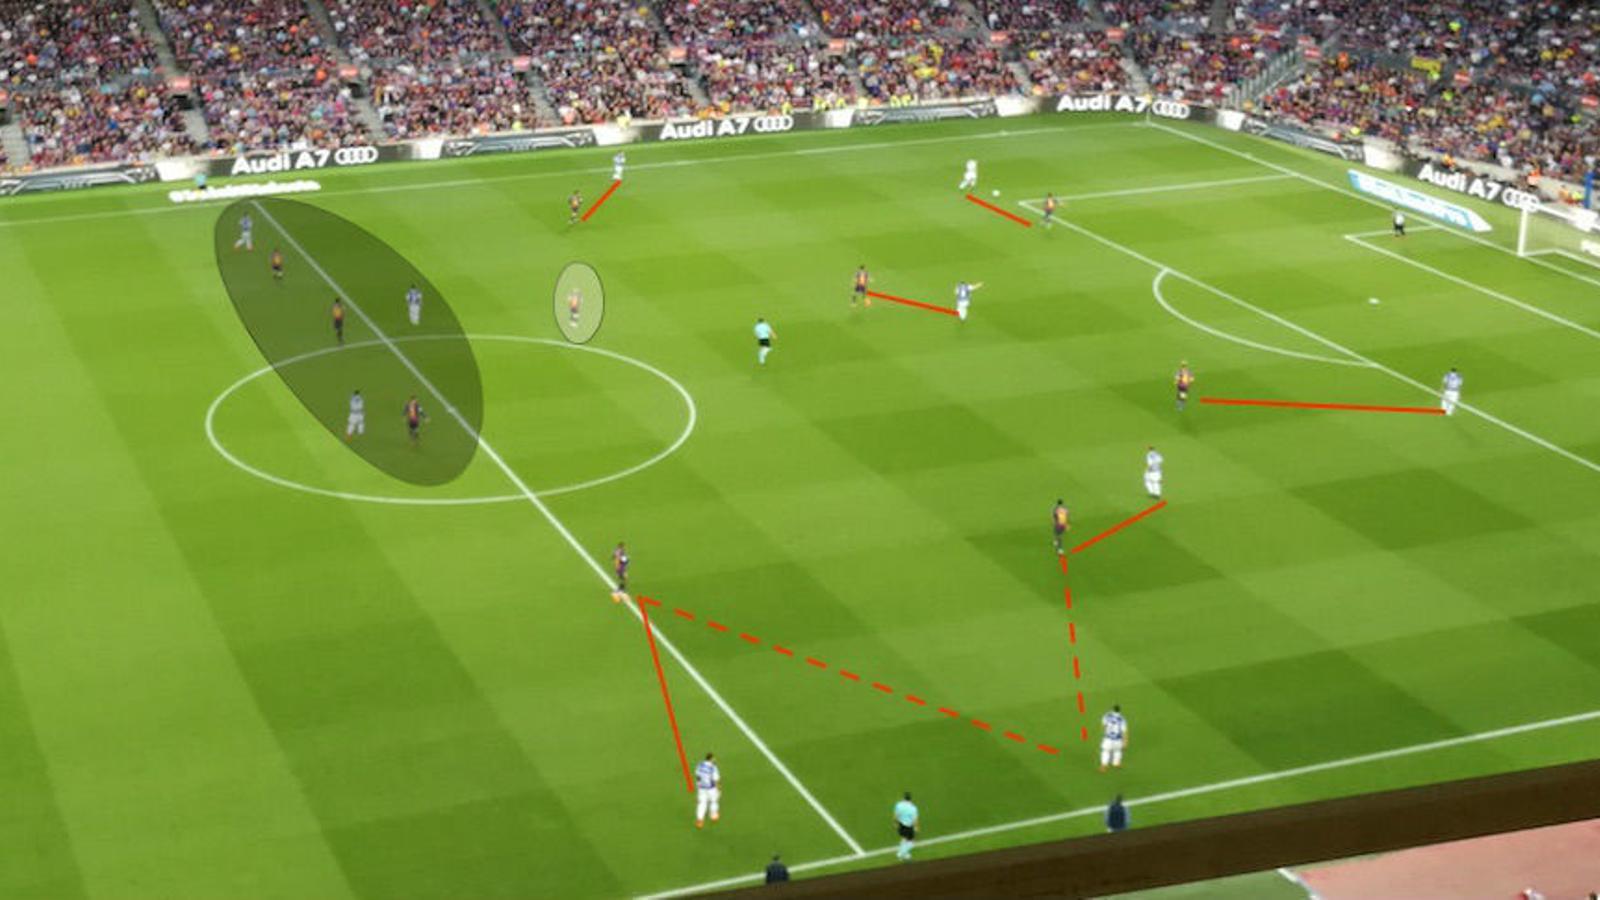 Pressió alta del Barça, amb Iniesta compensant en zona neutra